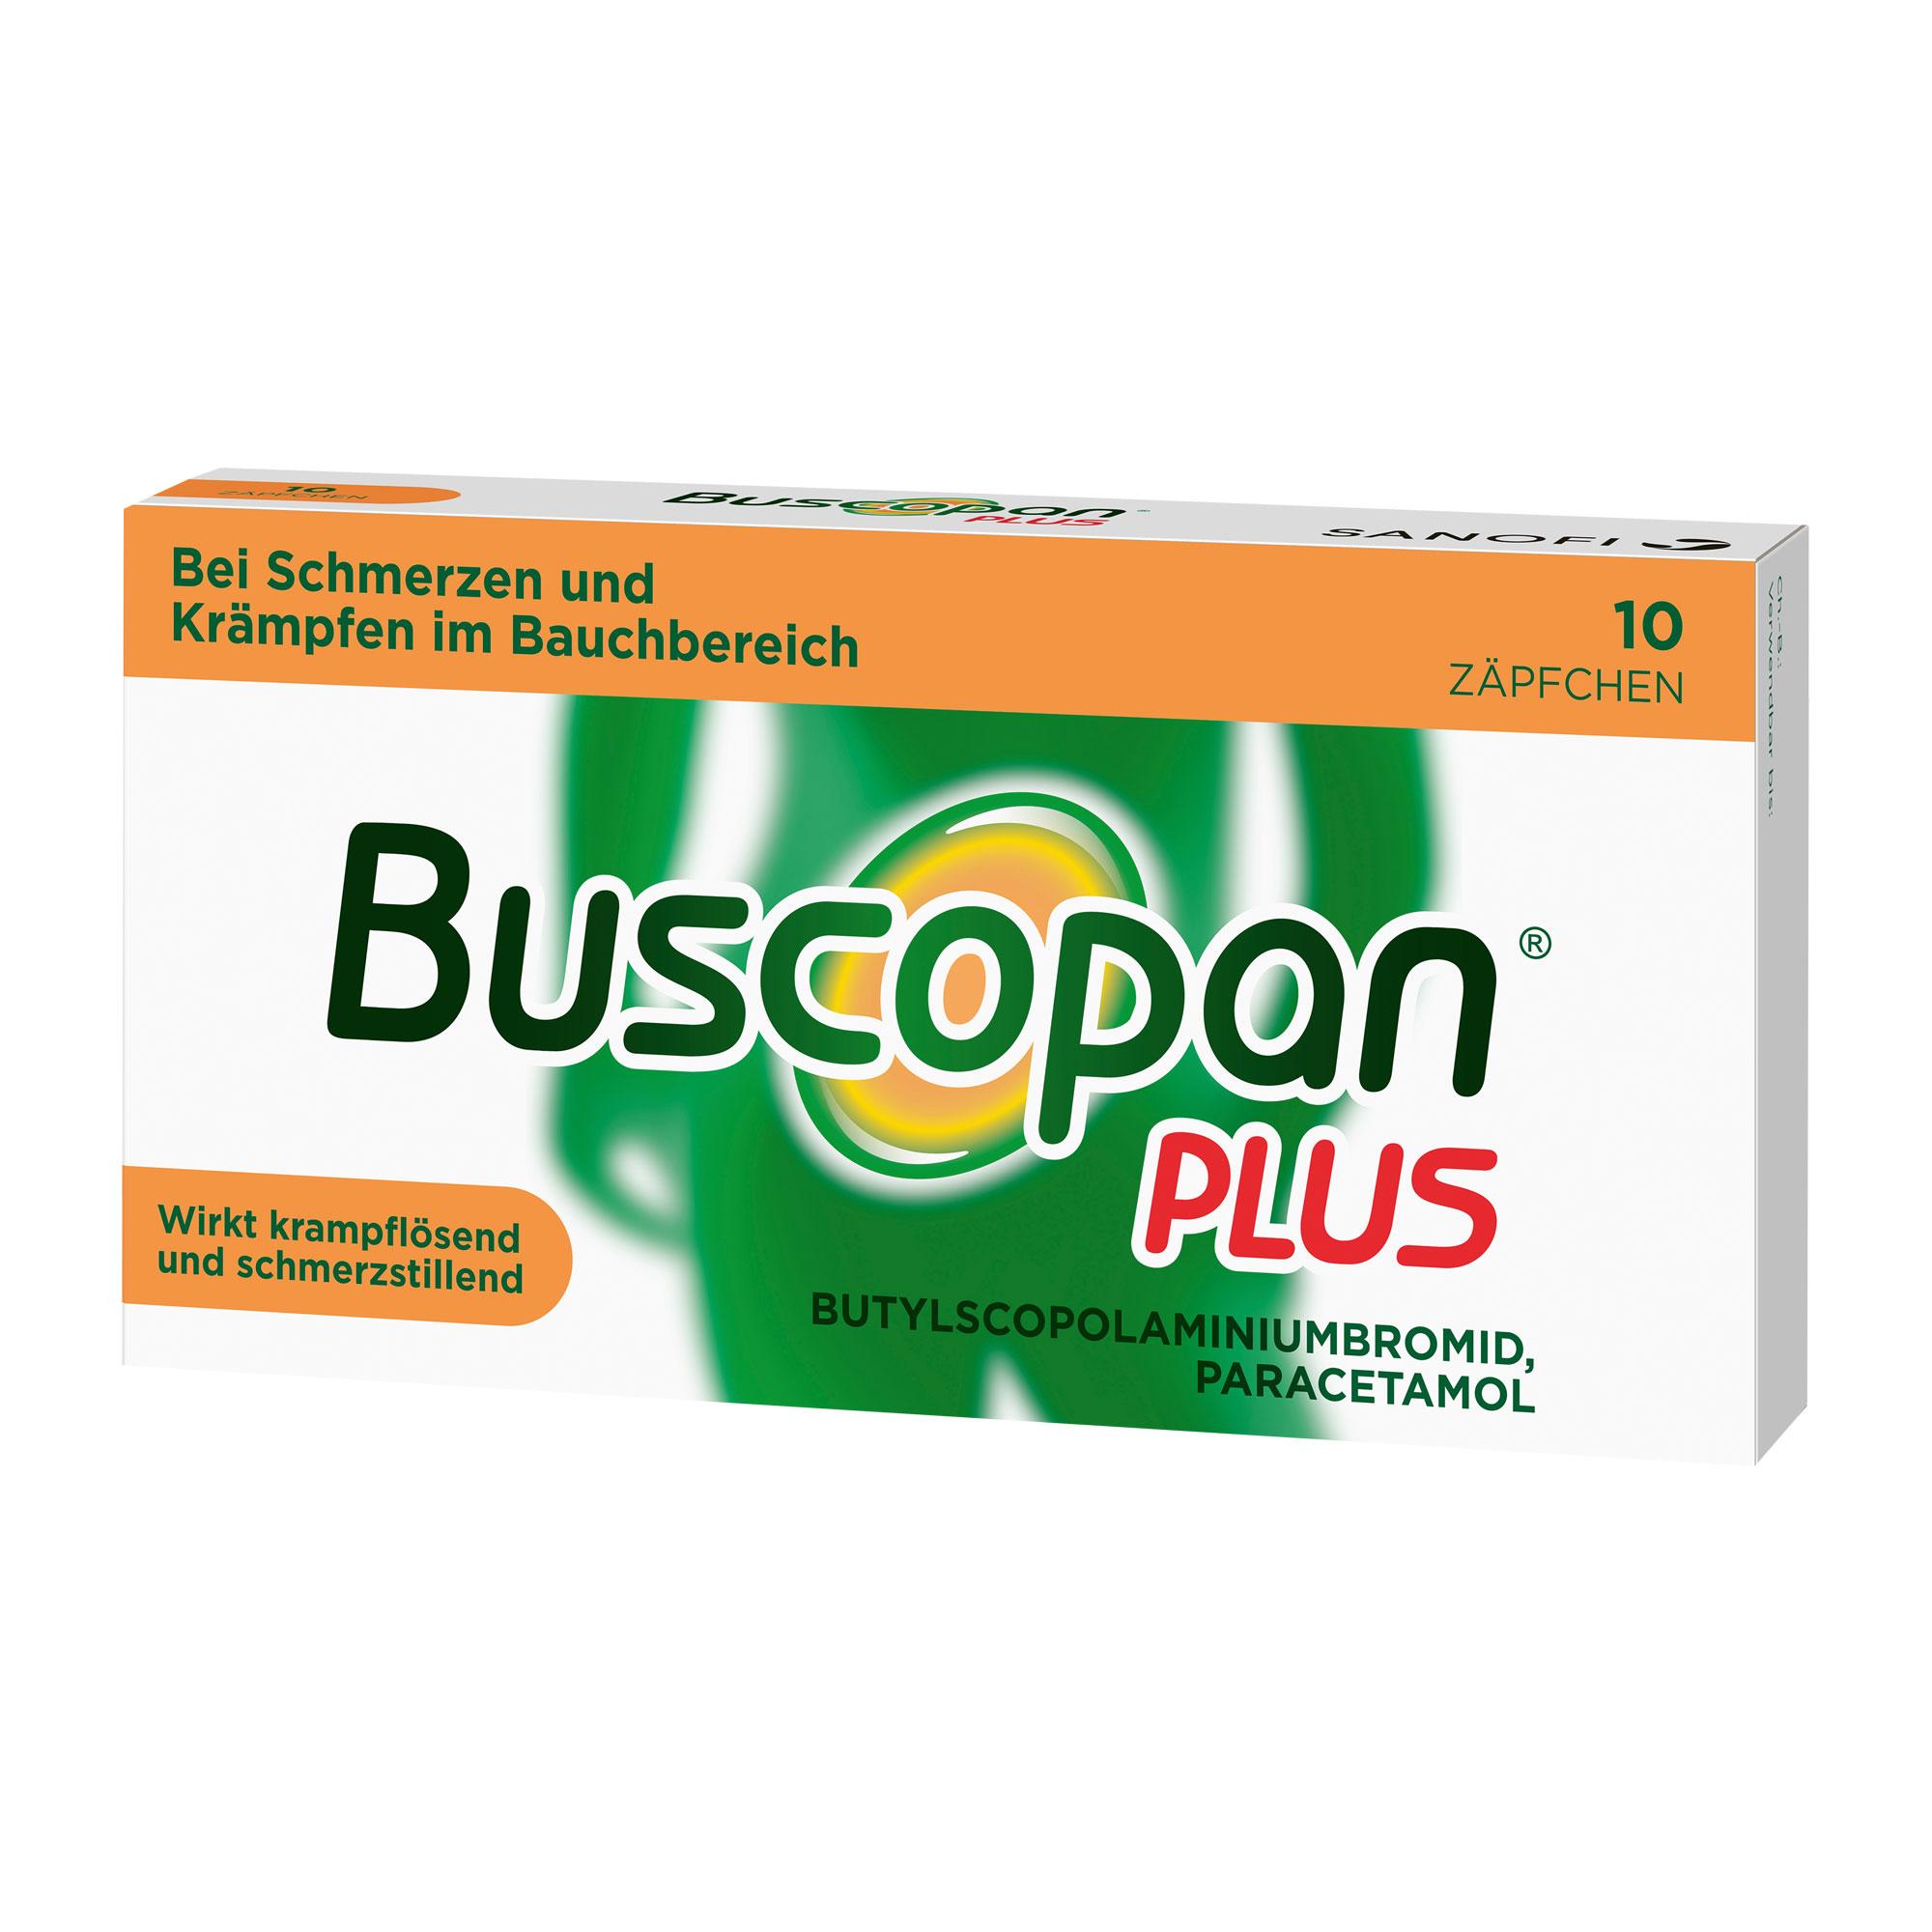 Buscopan plus Zäpfchen